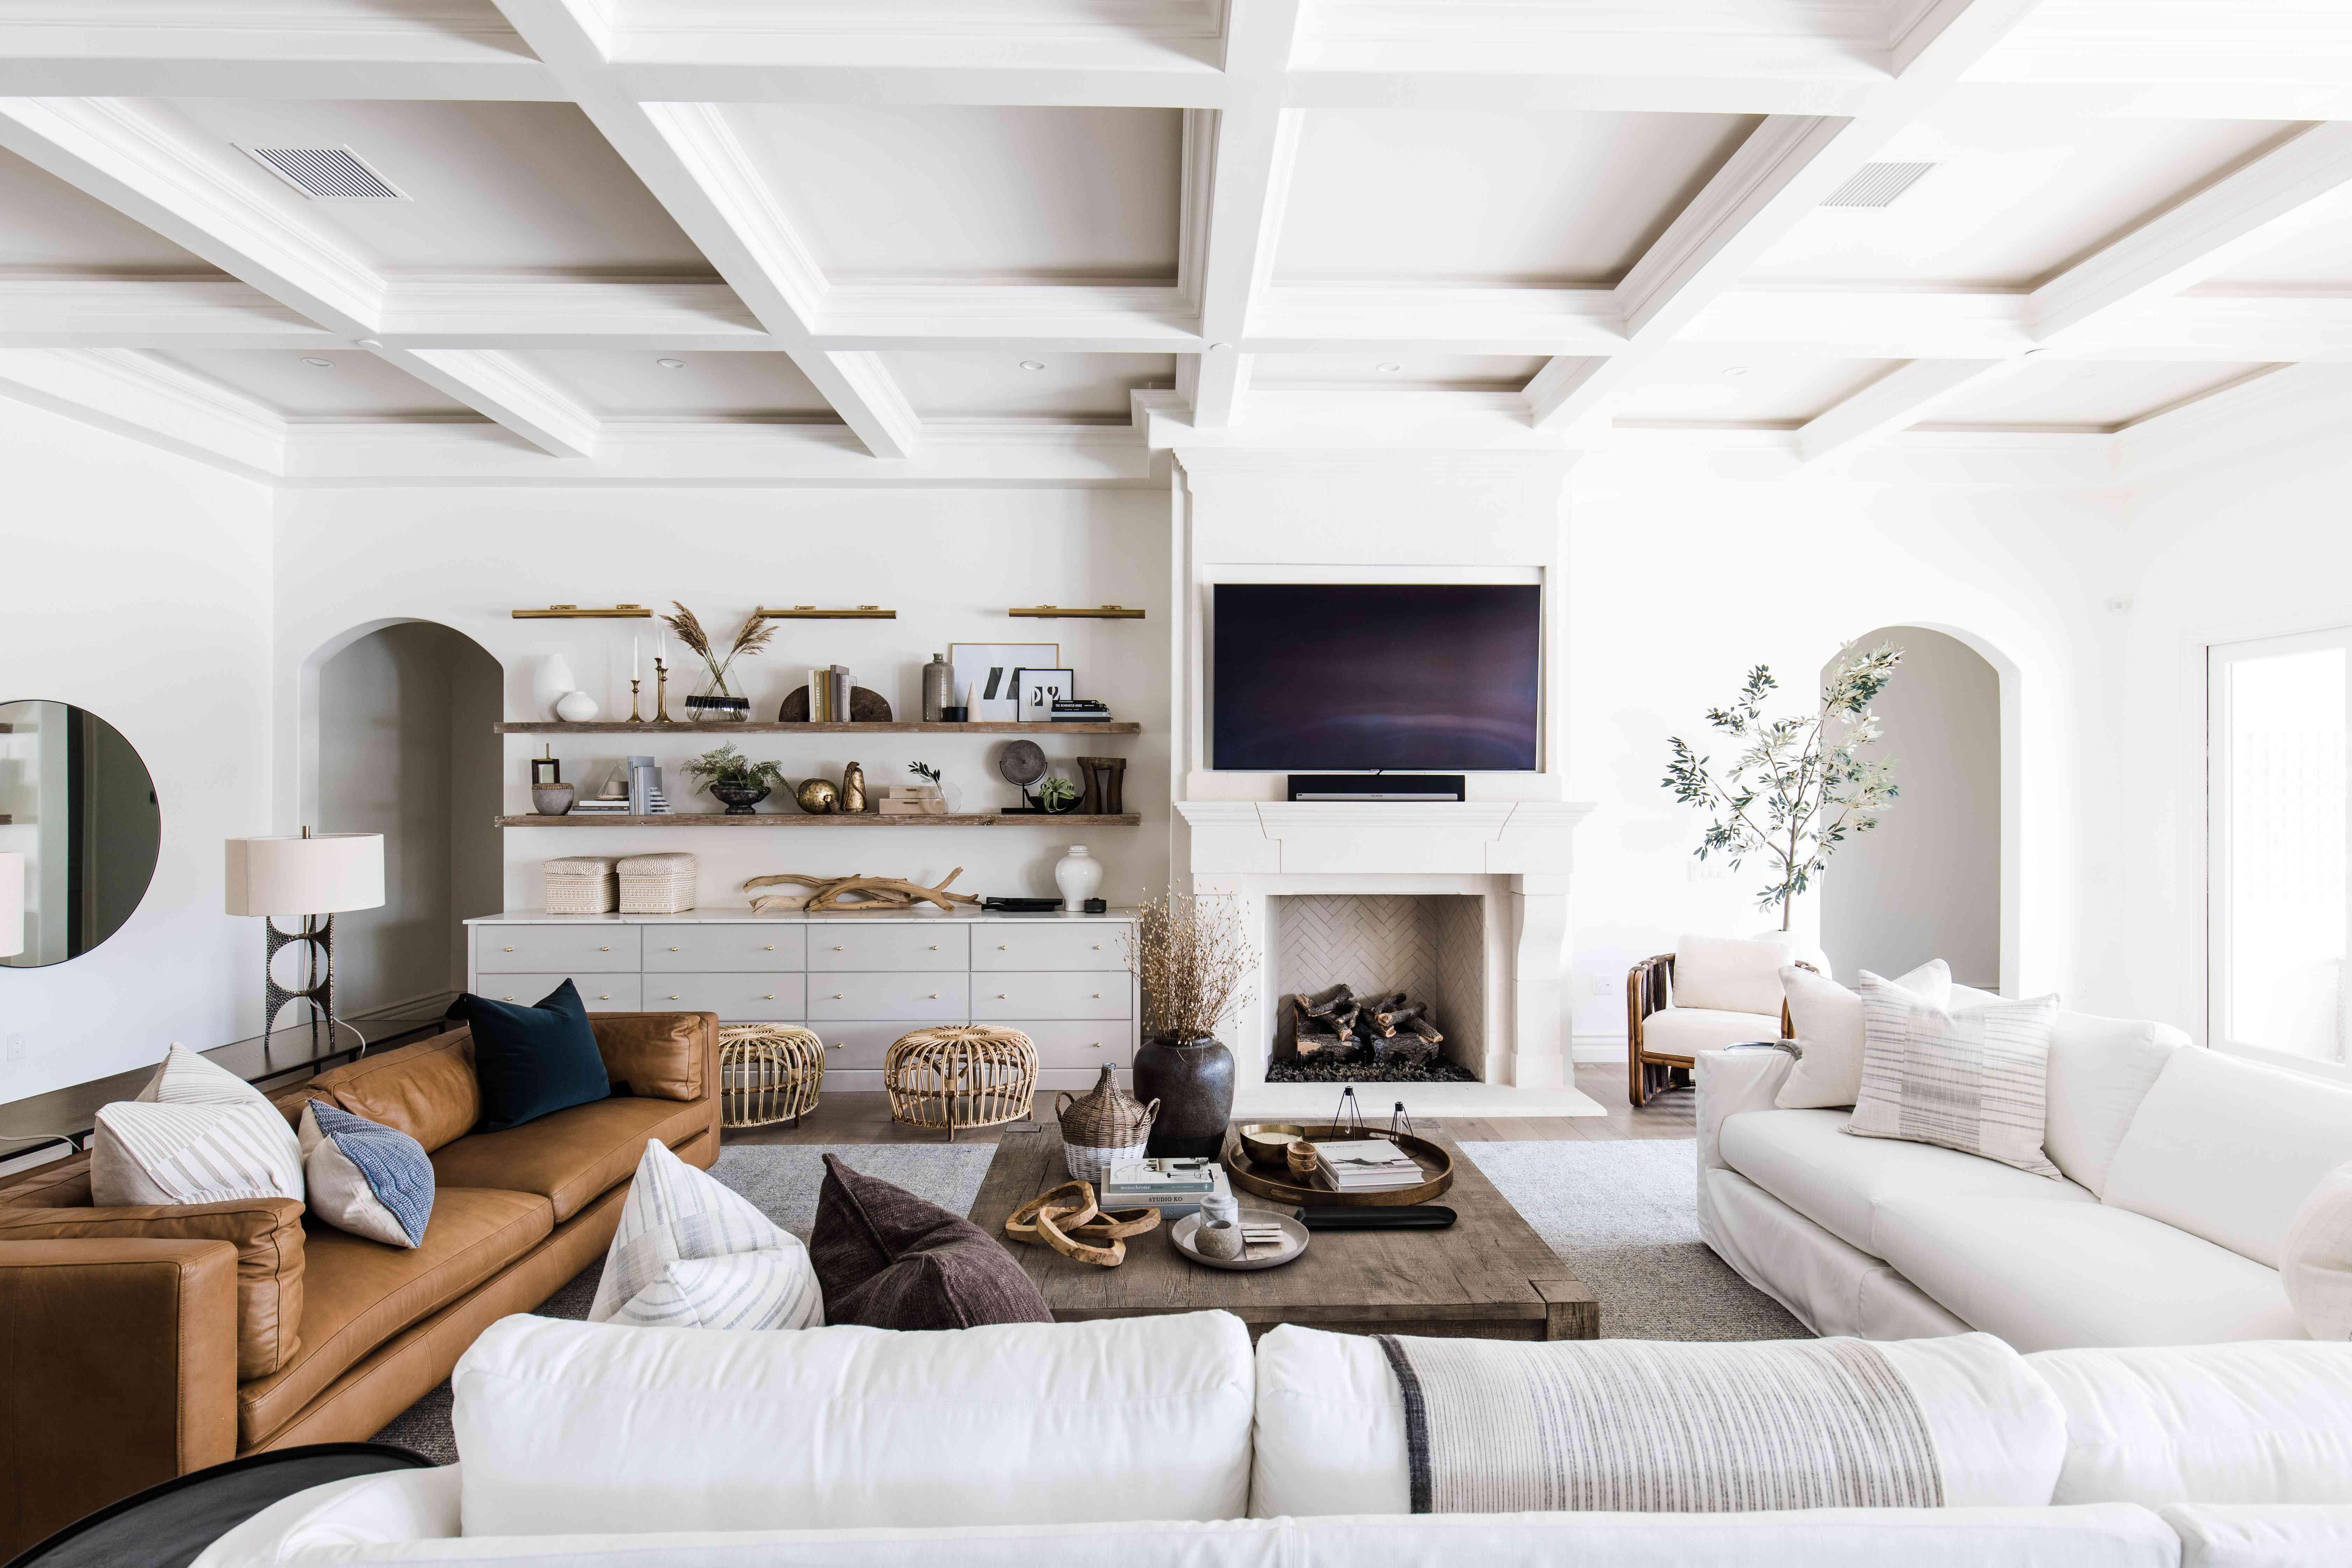 arizona home tour - living room